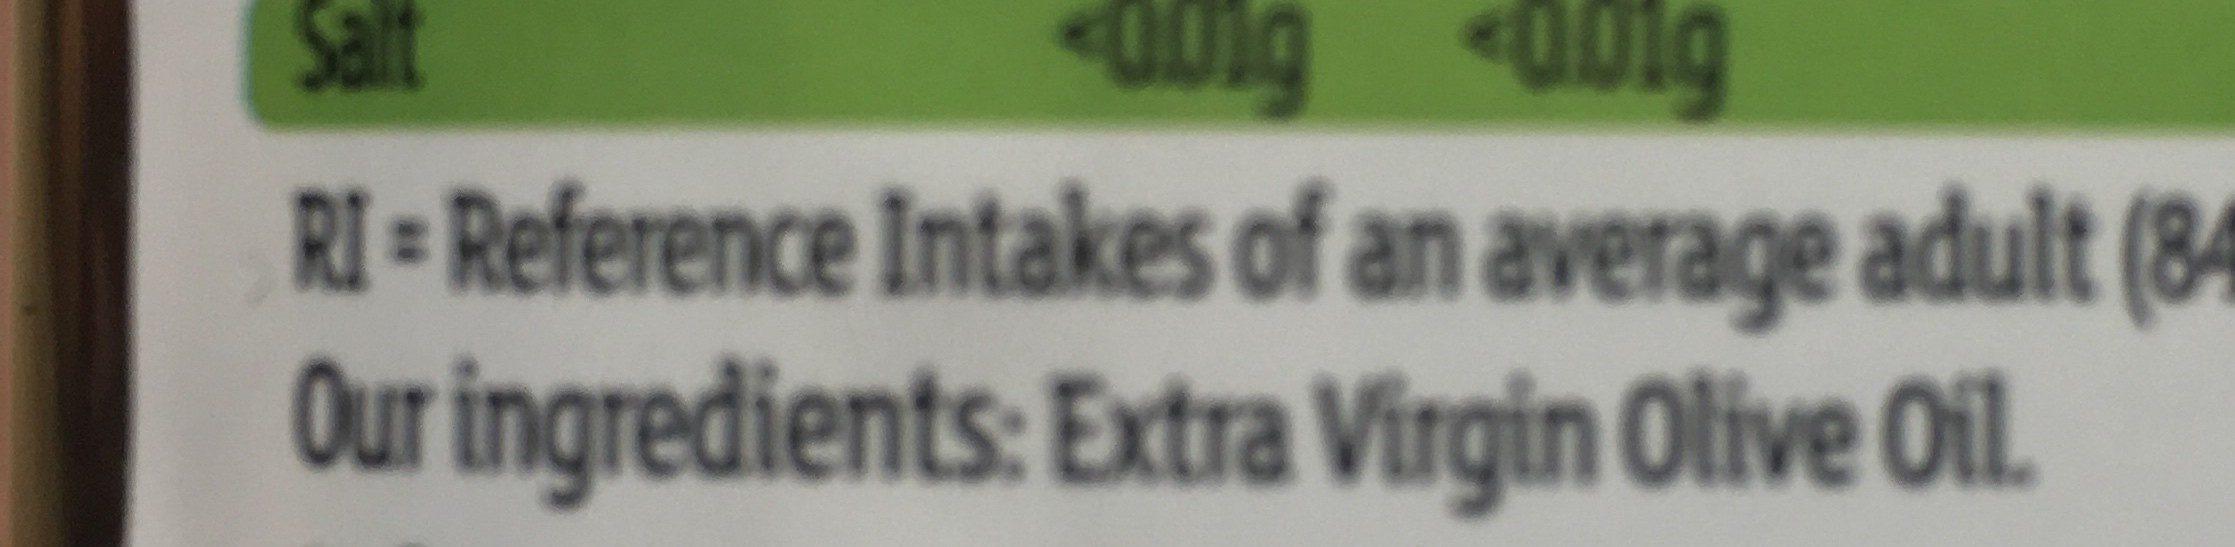 Extra virgin olive oil - Ingrédients - fr